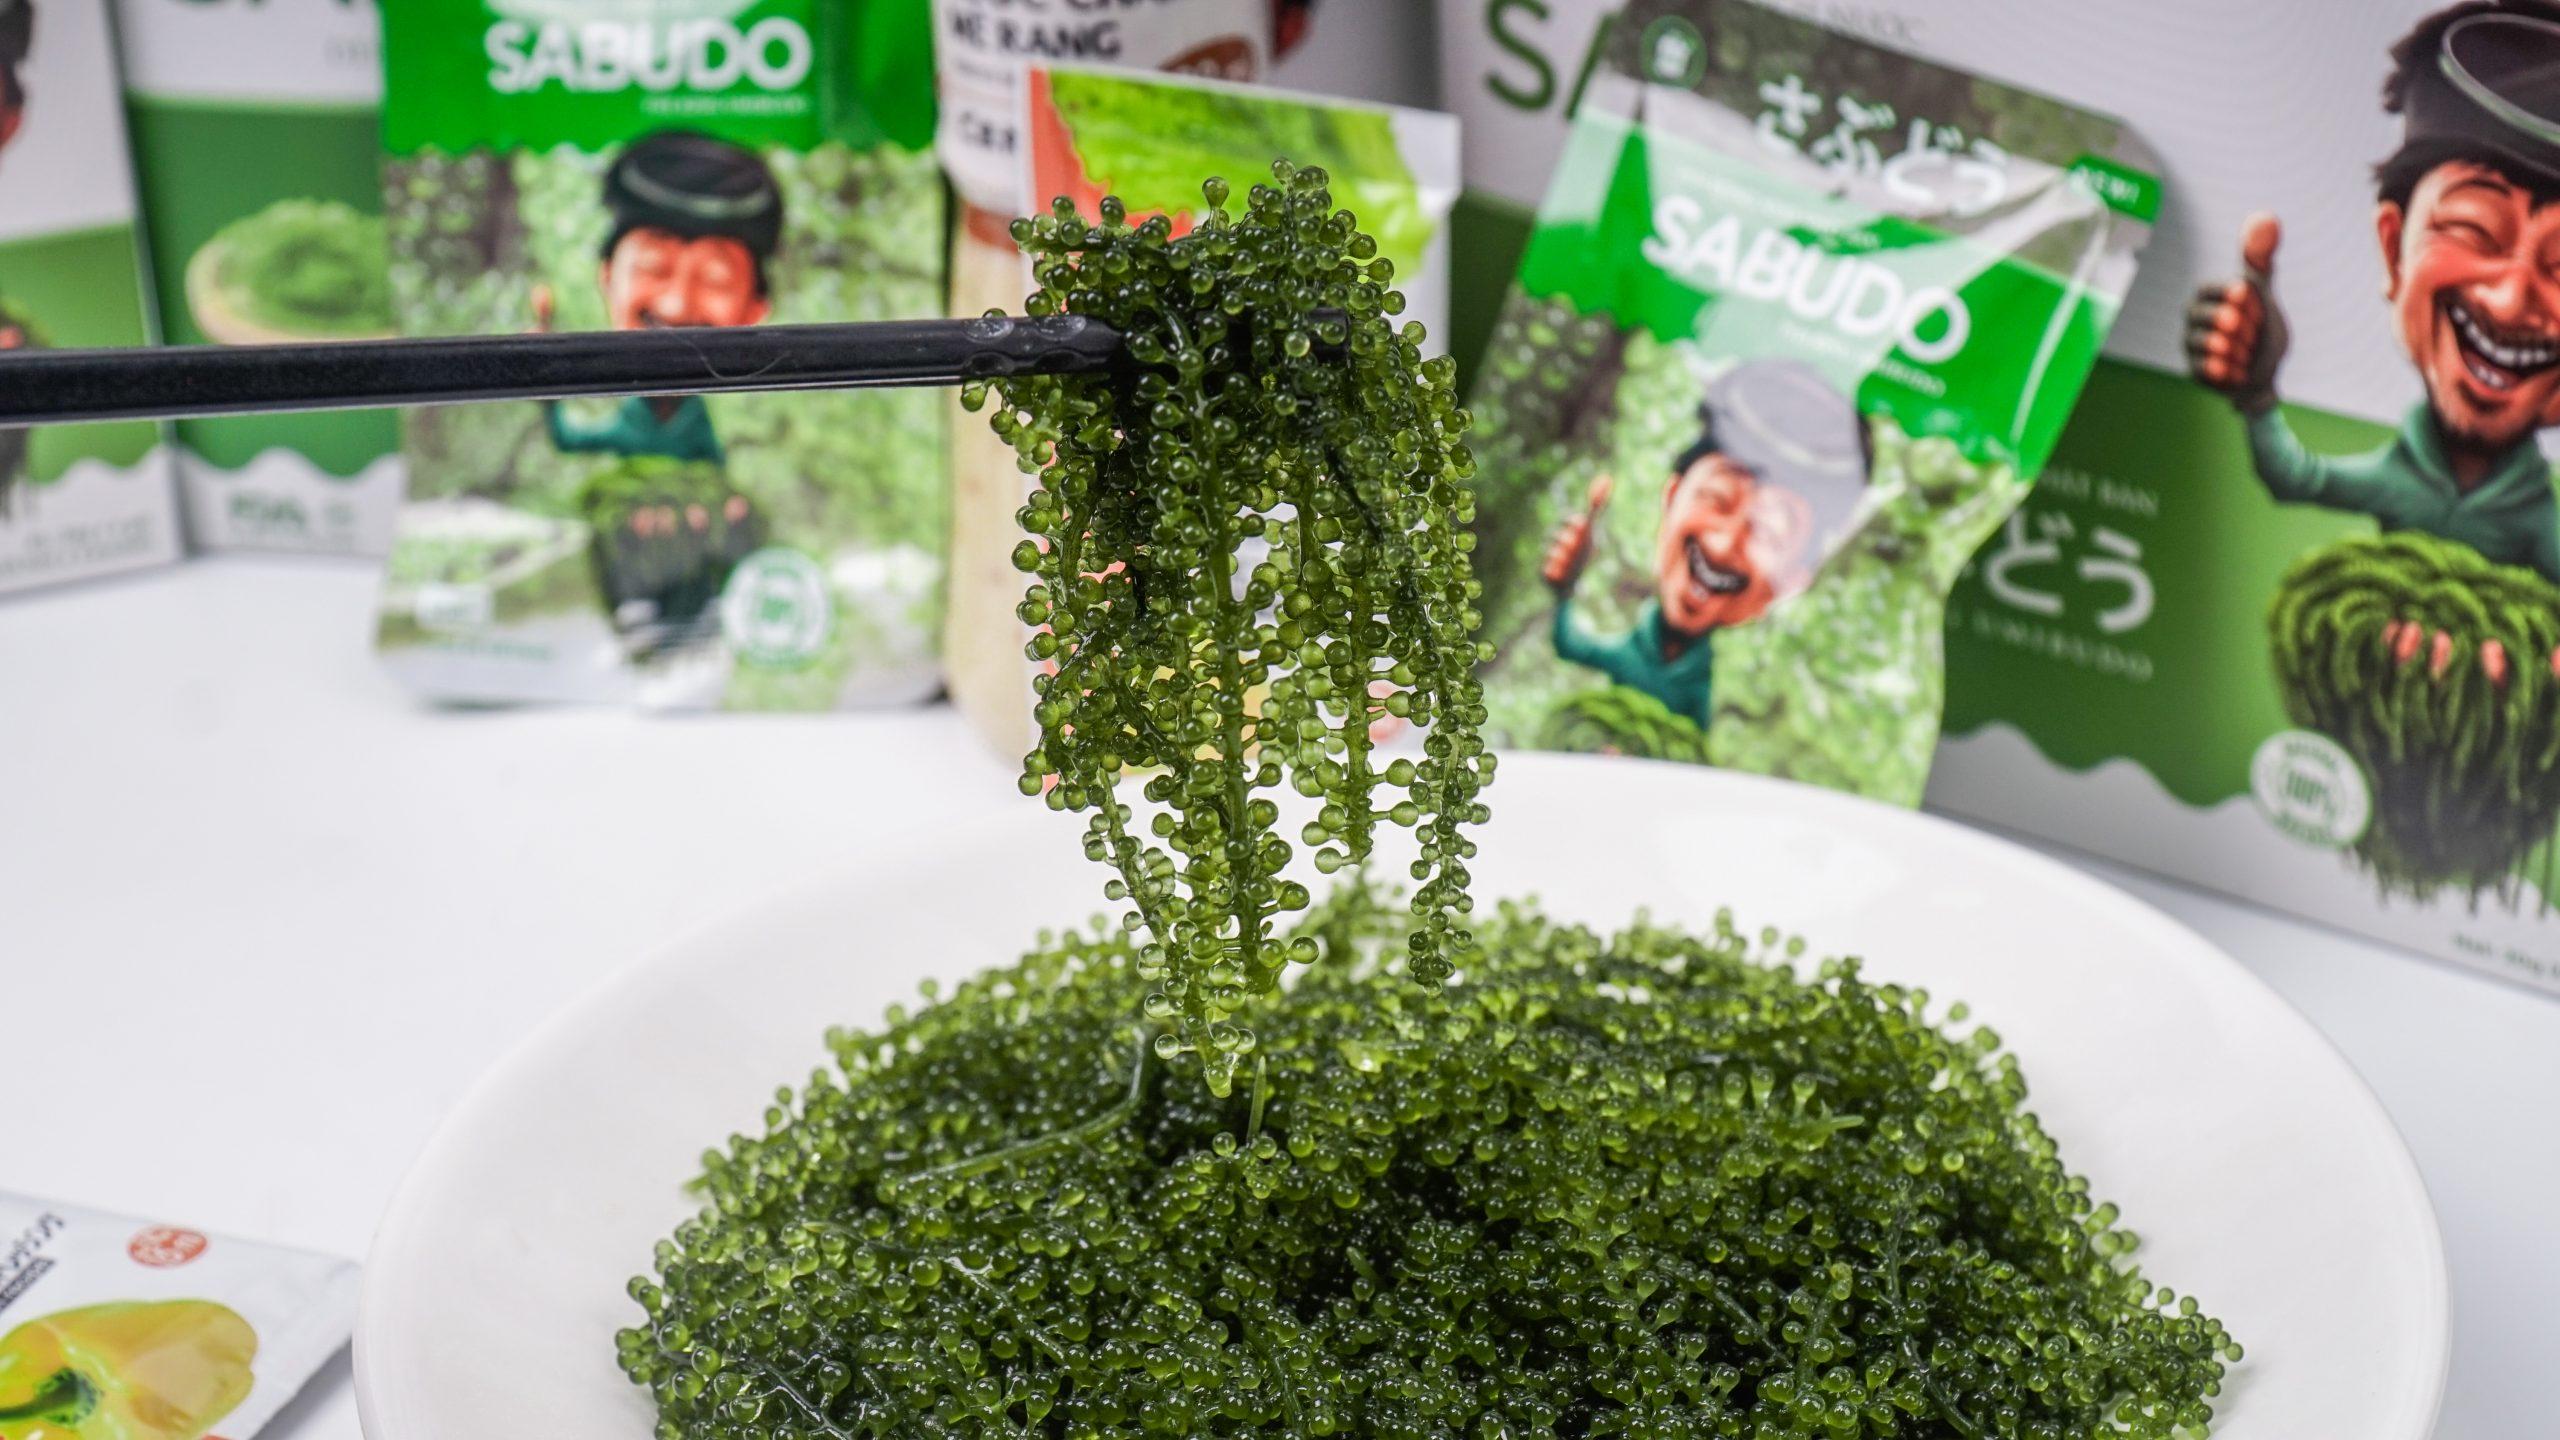 Thành phần dinh dưỡng có trong rong nho Sabudo rất tốt cho sức khỏe